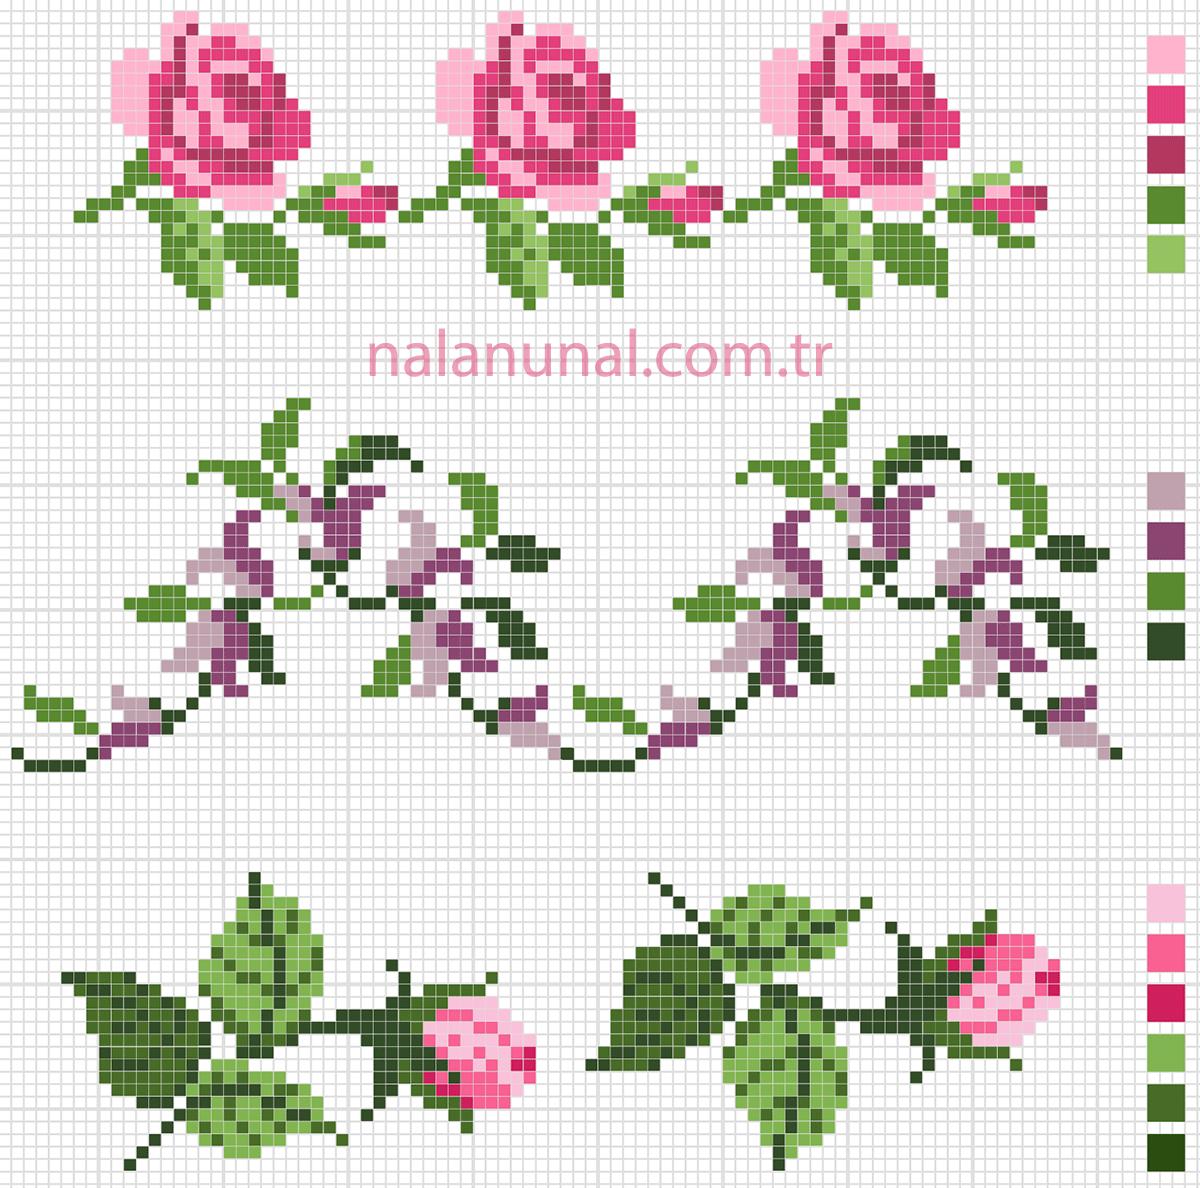 Havlu kenarı için çiçekli kanaviçe şeması